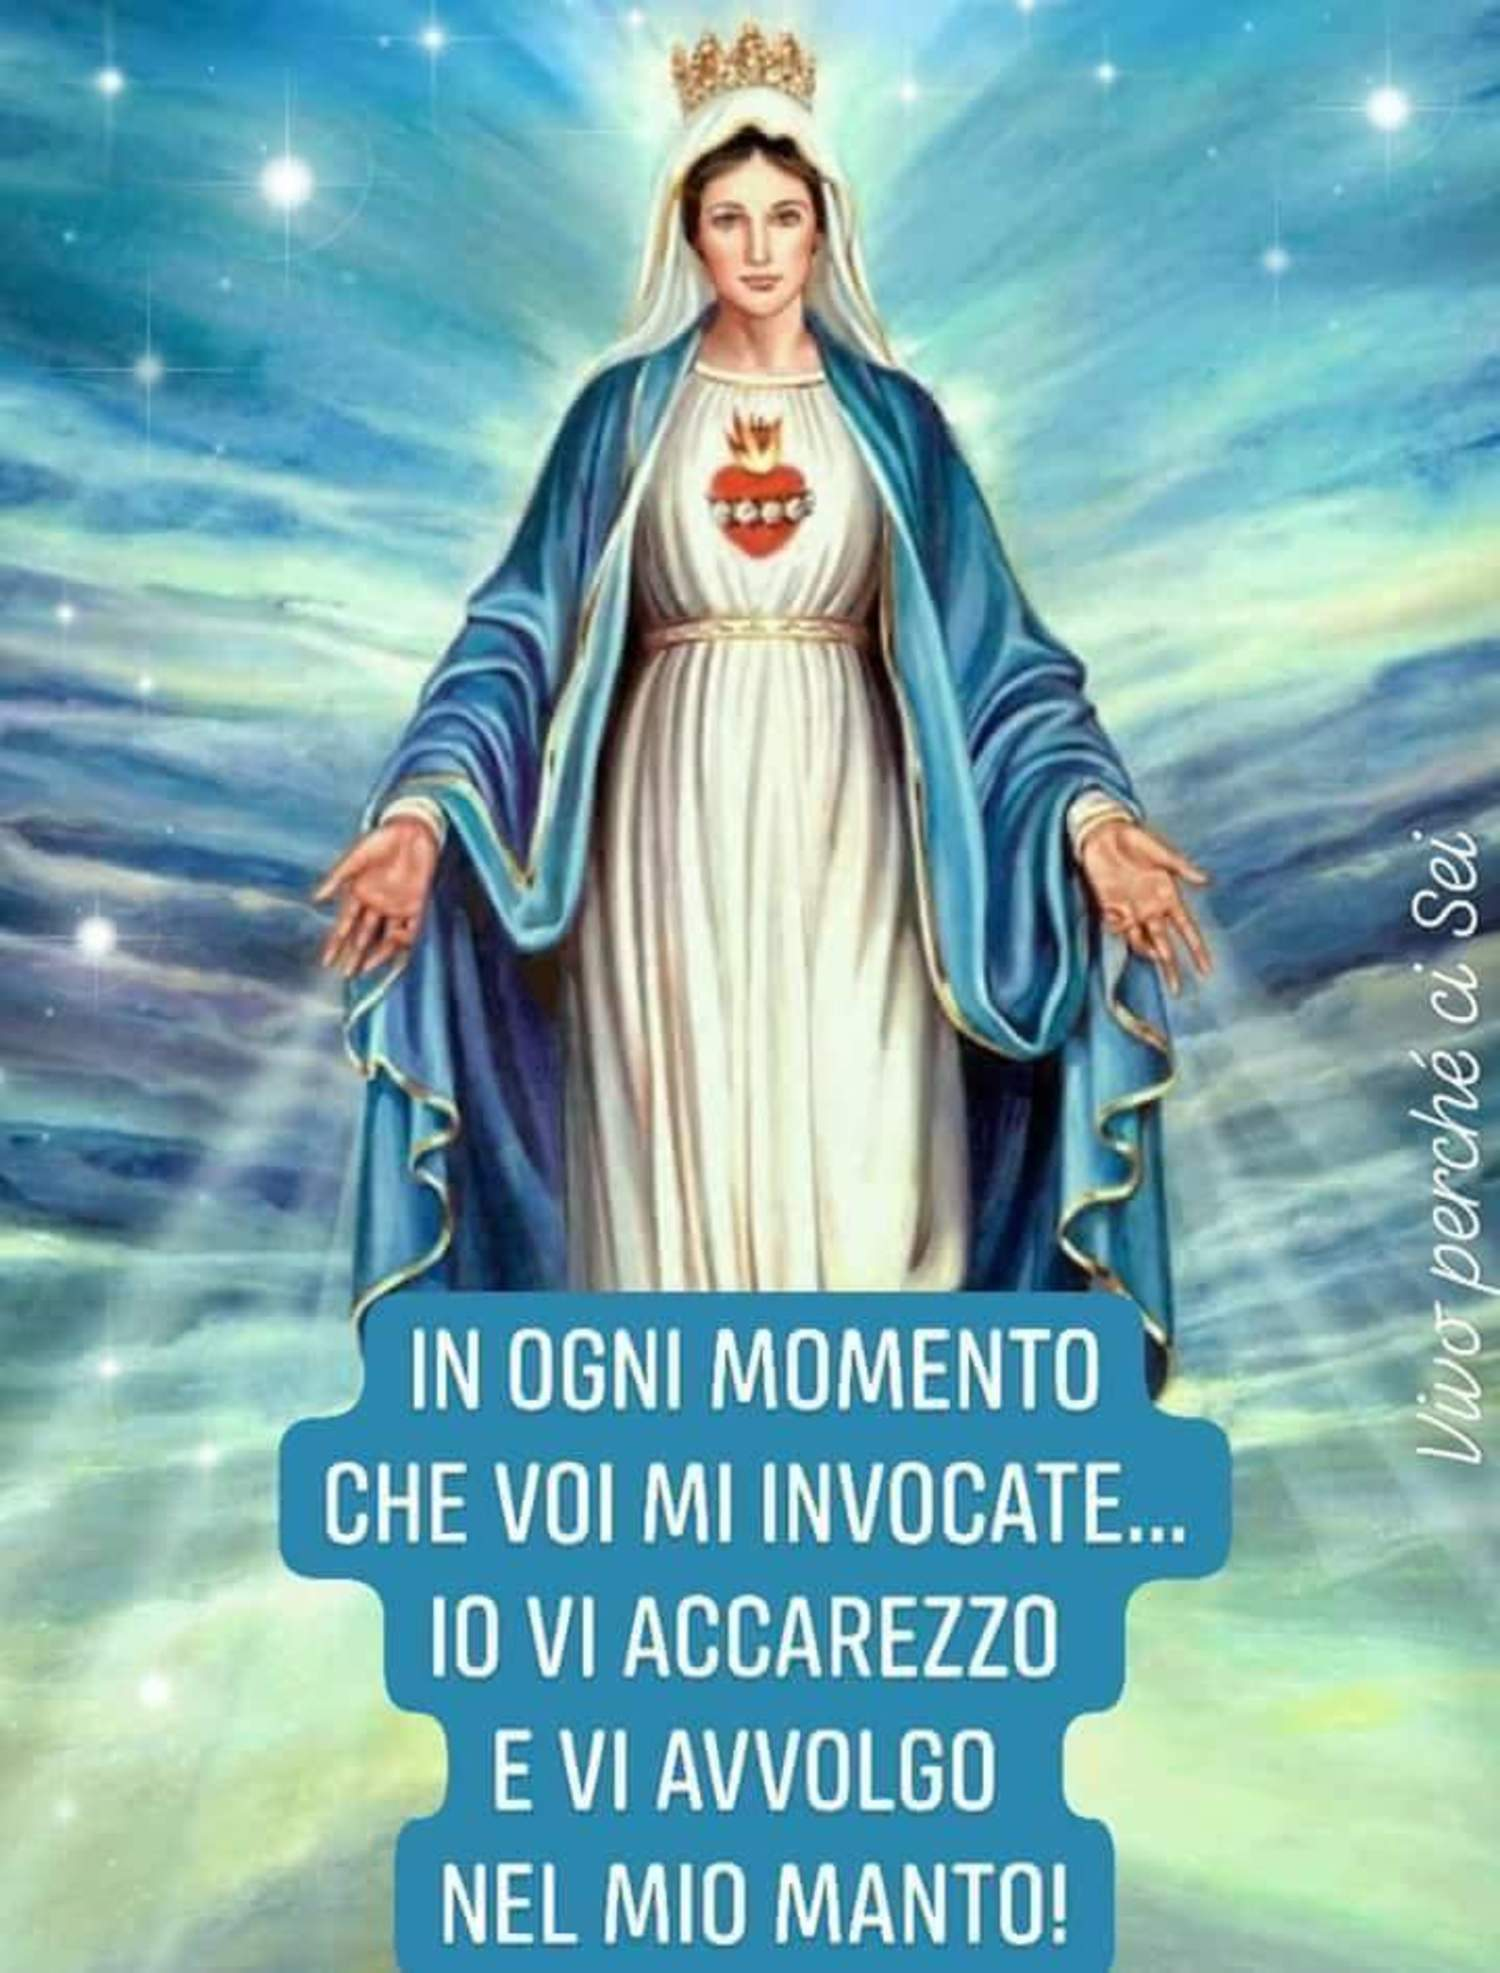 Frasi cristiane con la Vergine Maria 8398